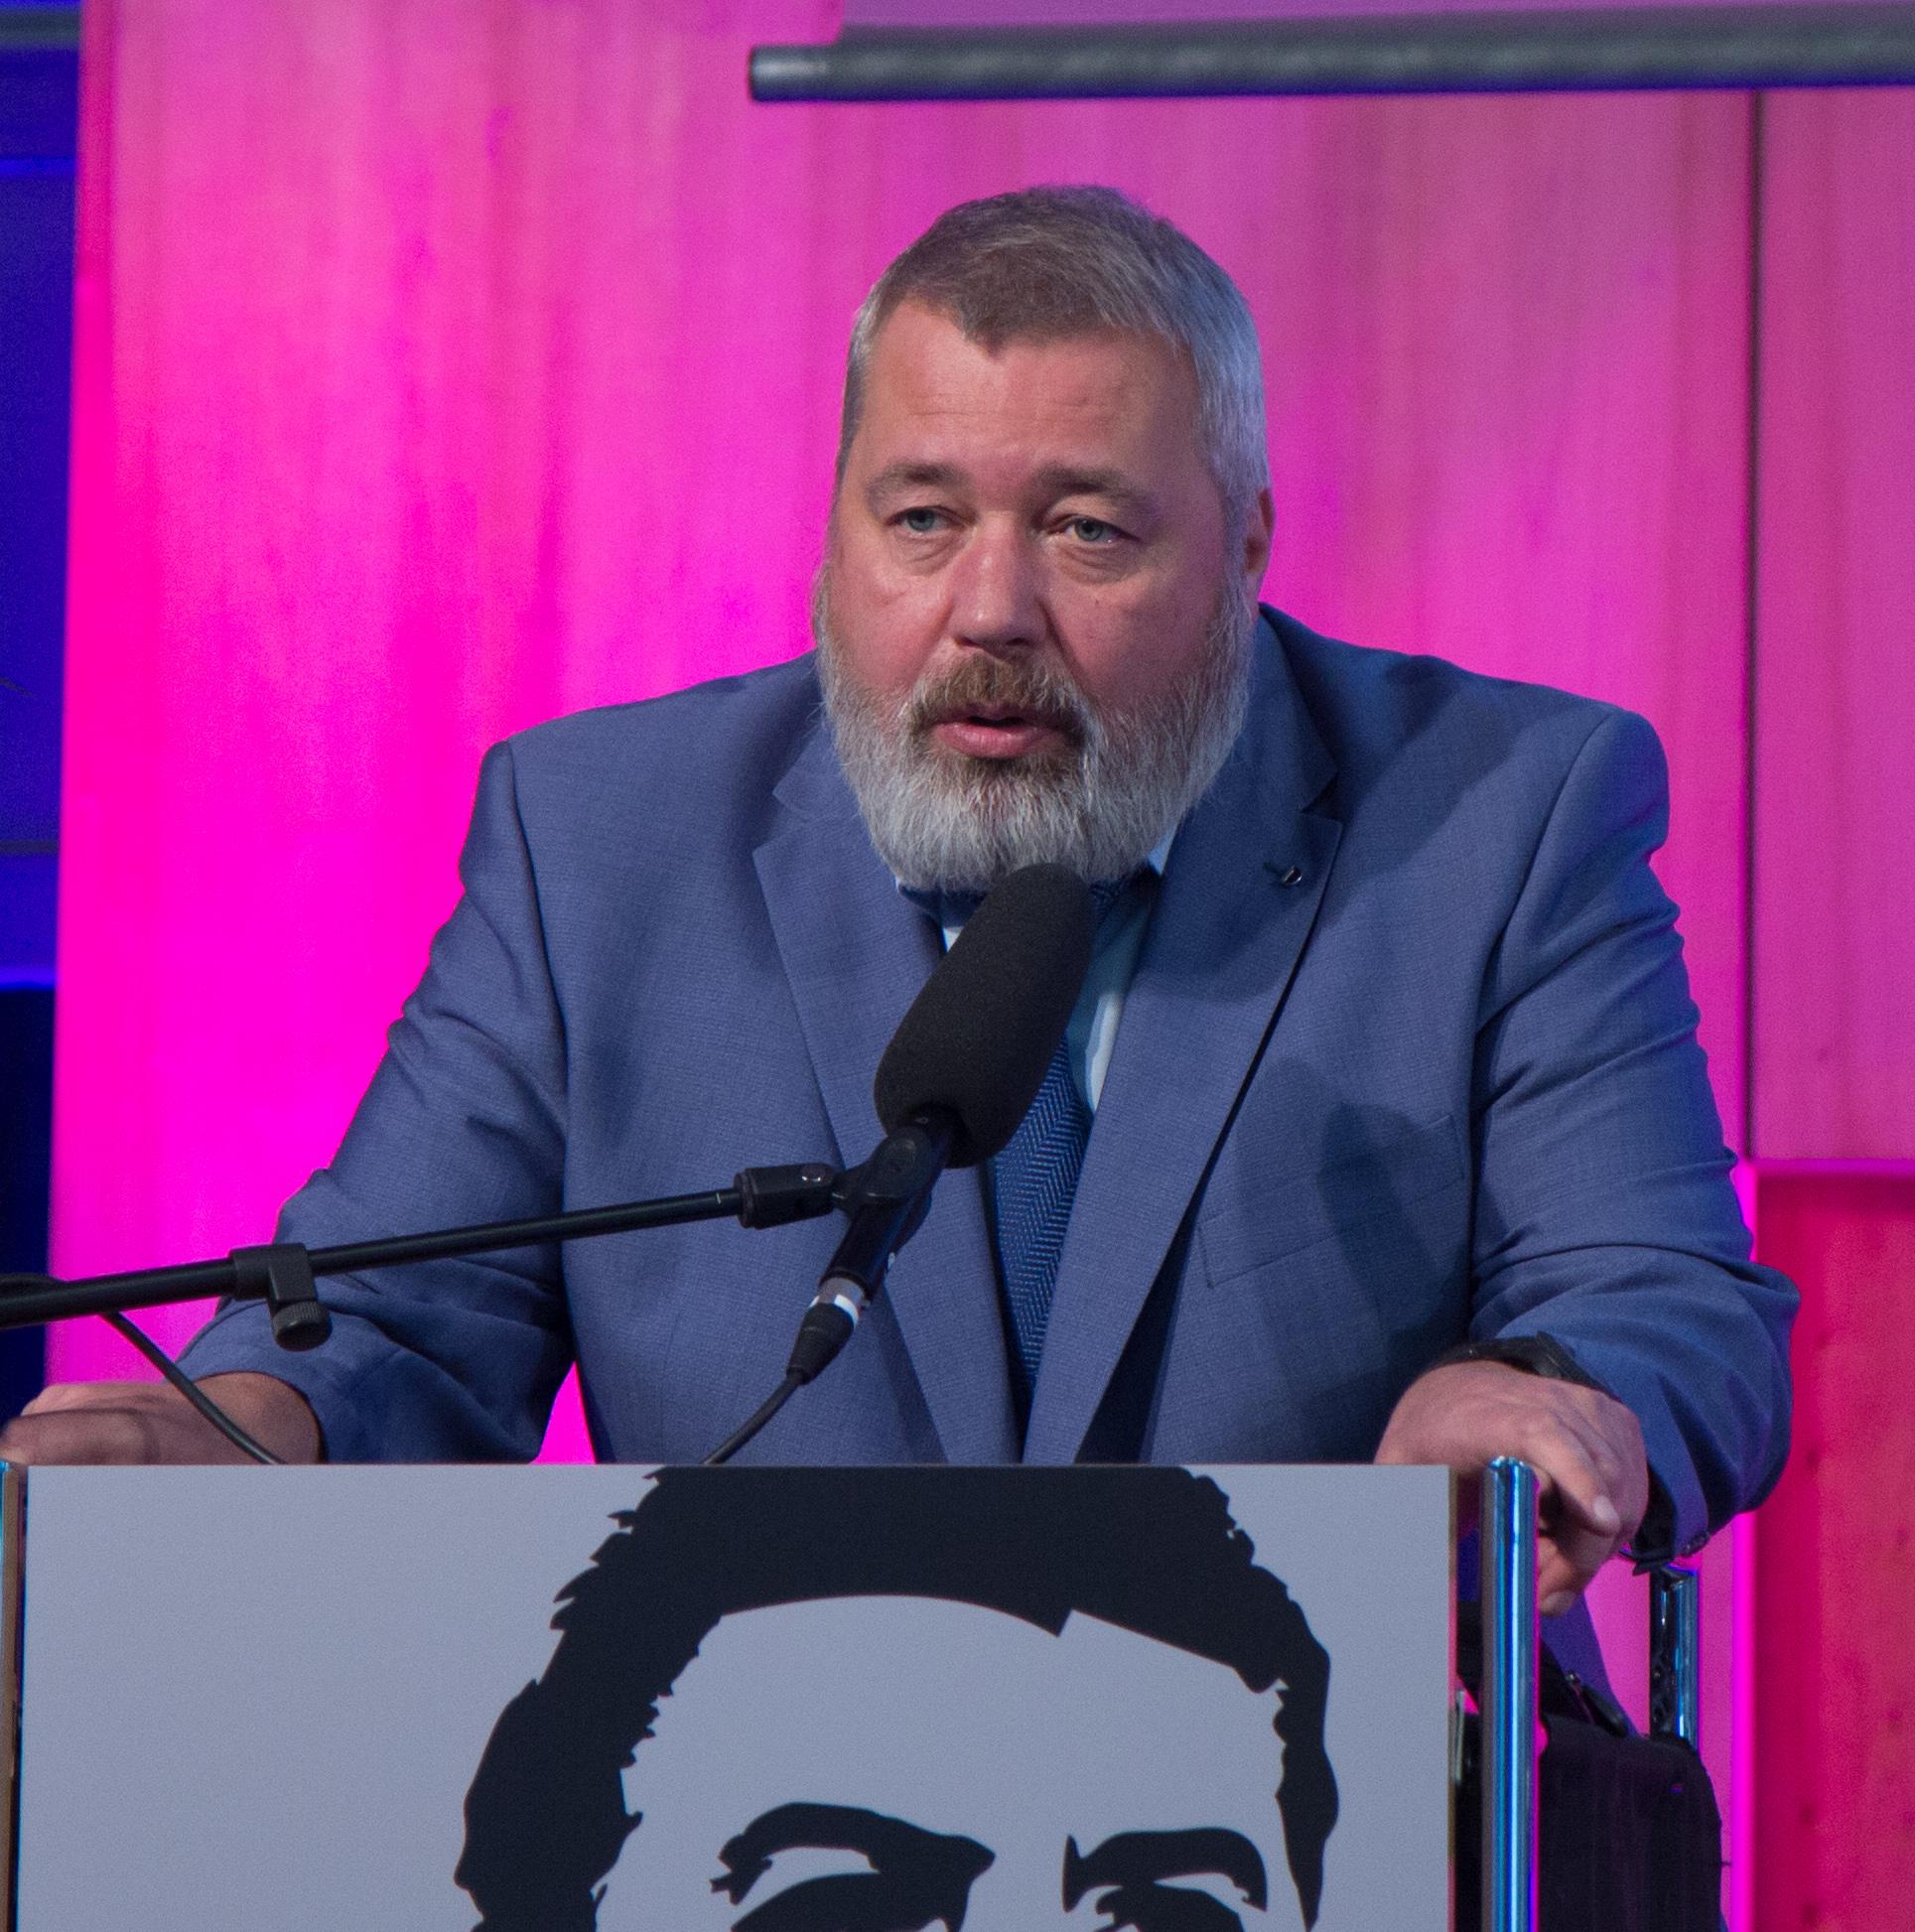 Dmitry Muratov - Wikipedia